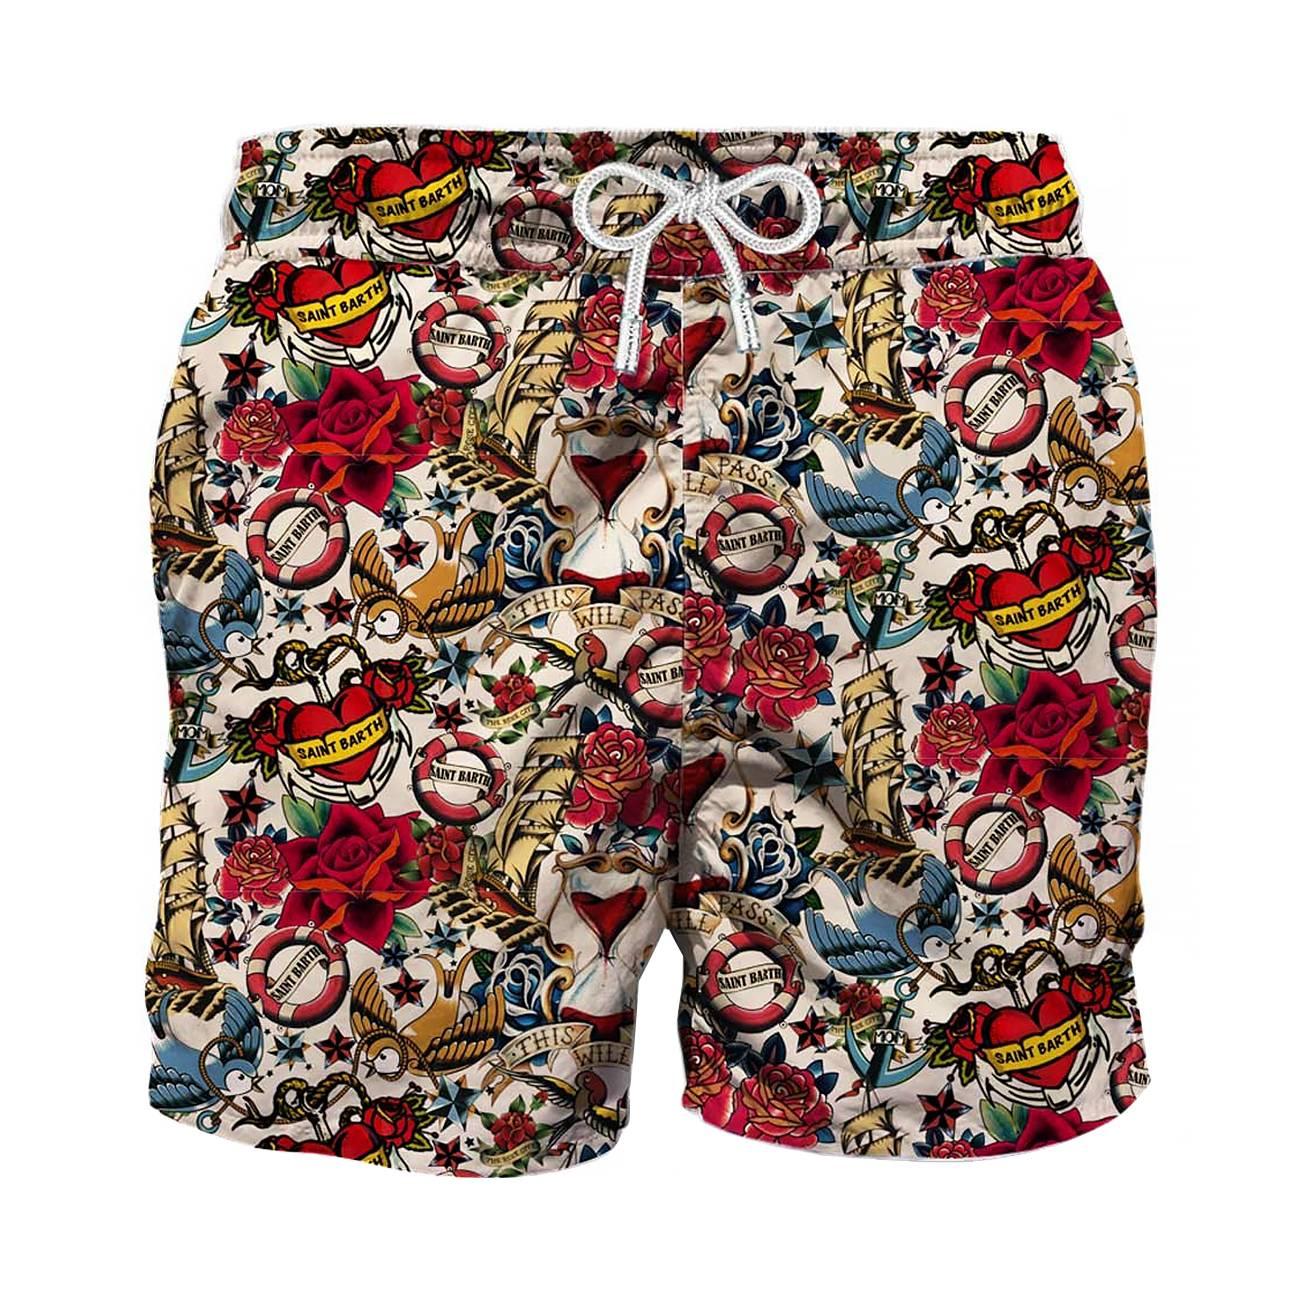 Gustavia Swim Shorts Azala 4101 M imagine